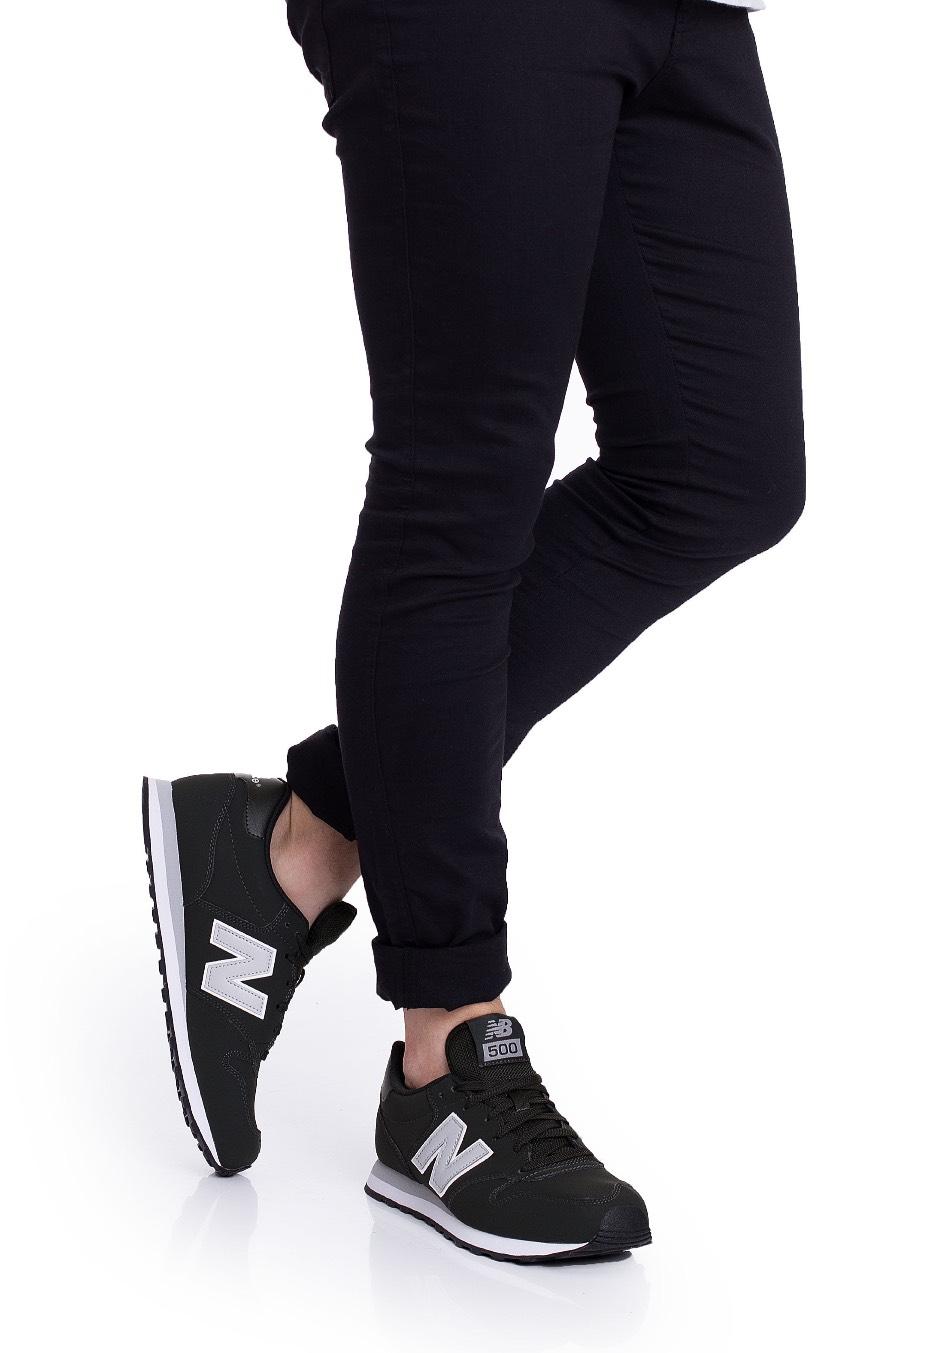 new balance gm500 noir